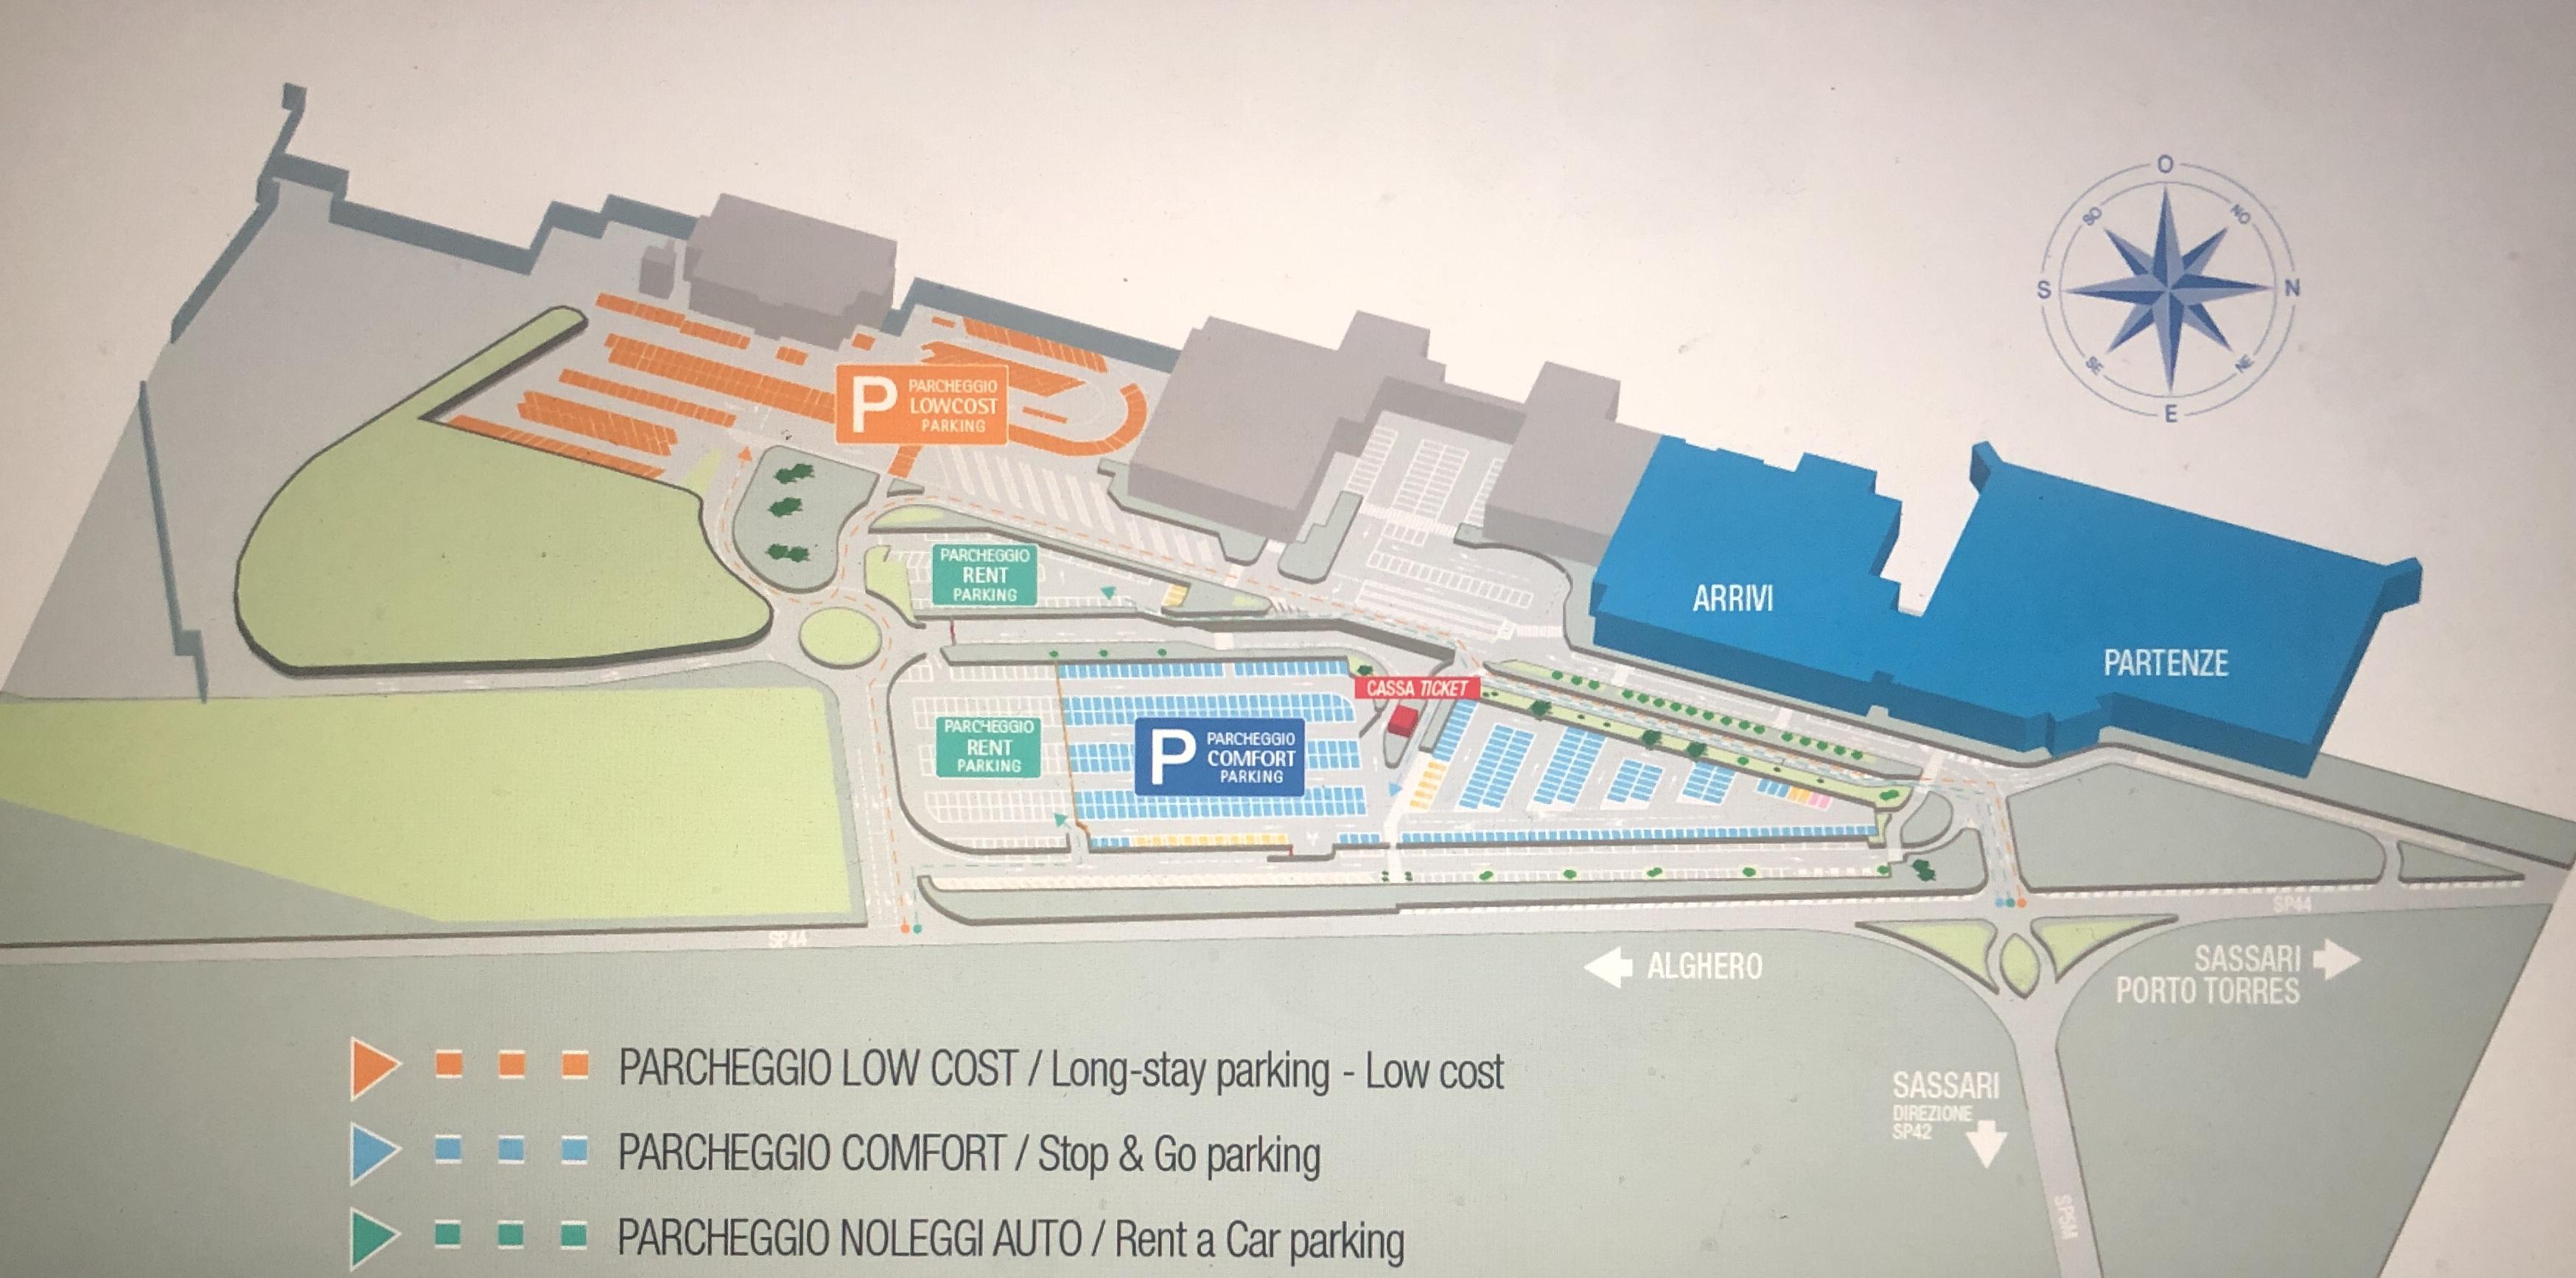 parcheggi aeroporto Alghero